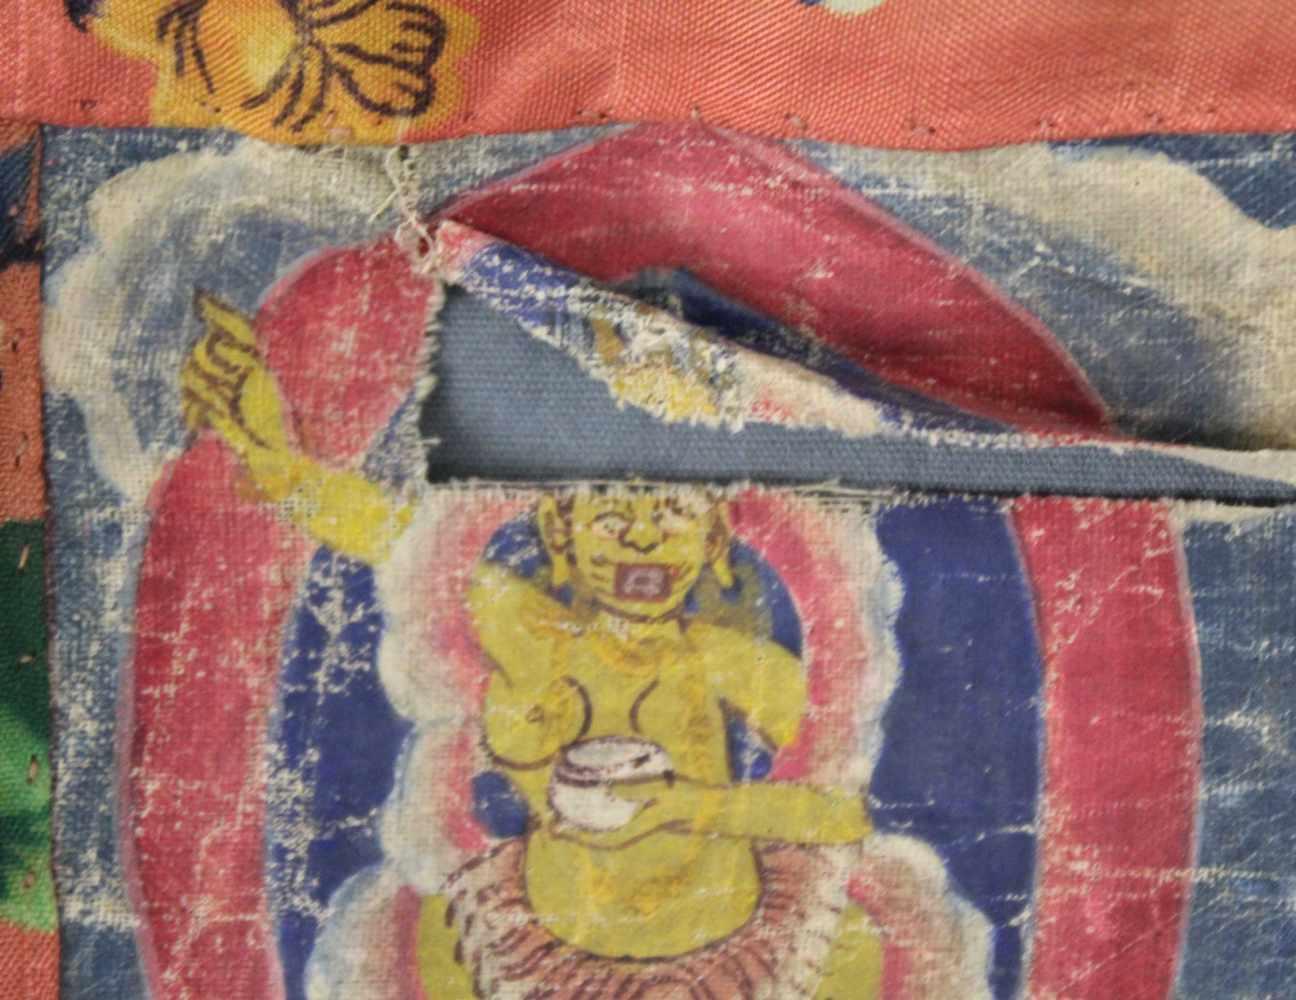 Lot 1 - Thangka, China / Tibet alt. Lamaistische Schutzgottheit vor Flammenaureole.70 cm x 54 cm ohne